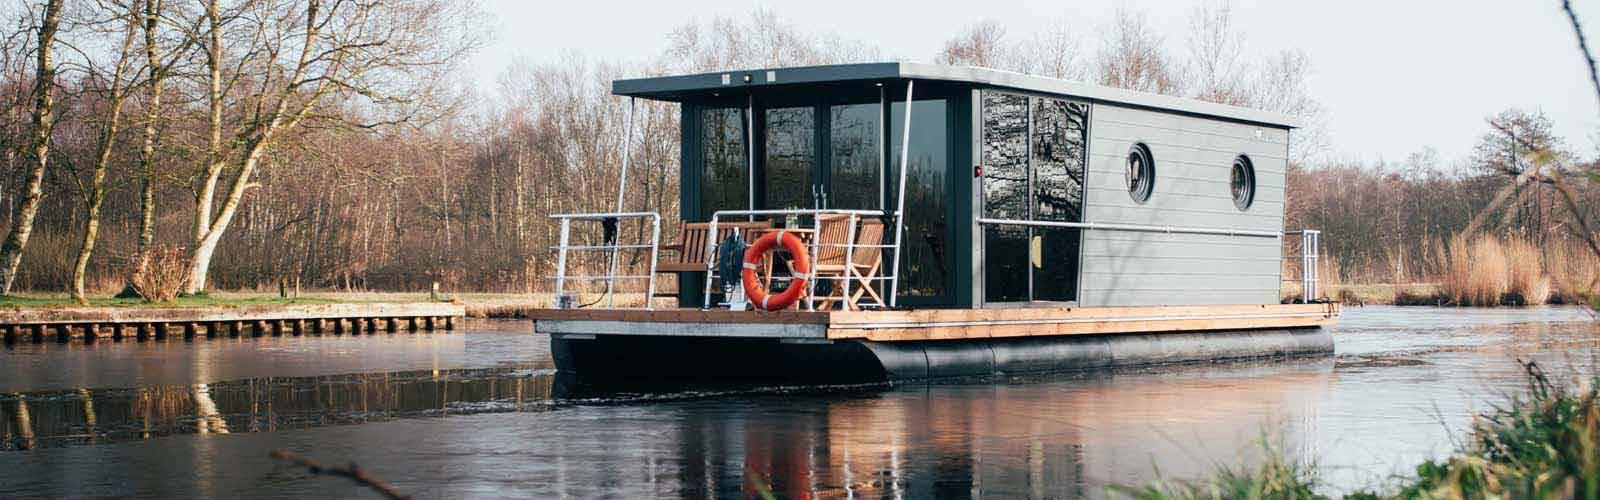 Otter Easy Houseboats Roermond huisbootvakantie in de winter